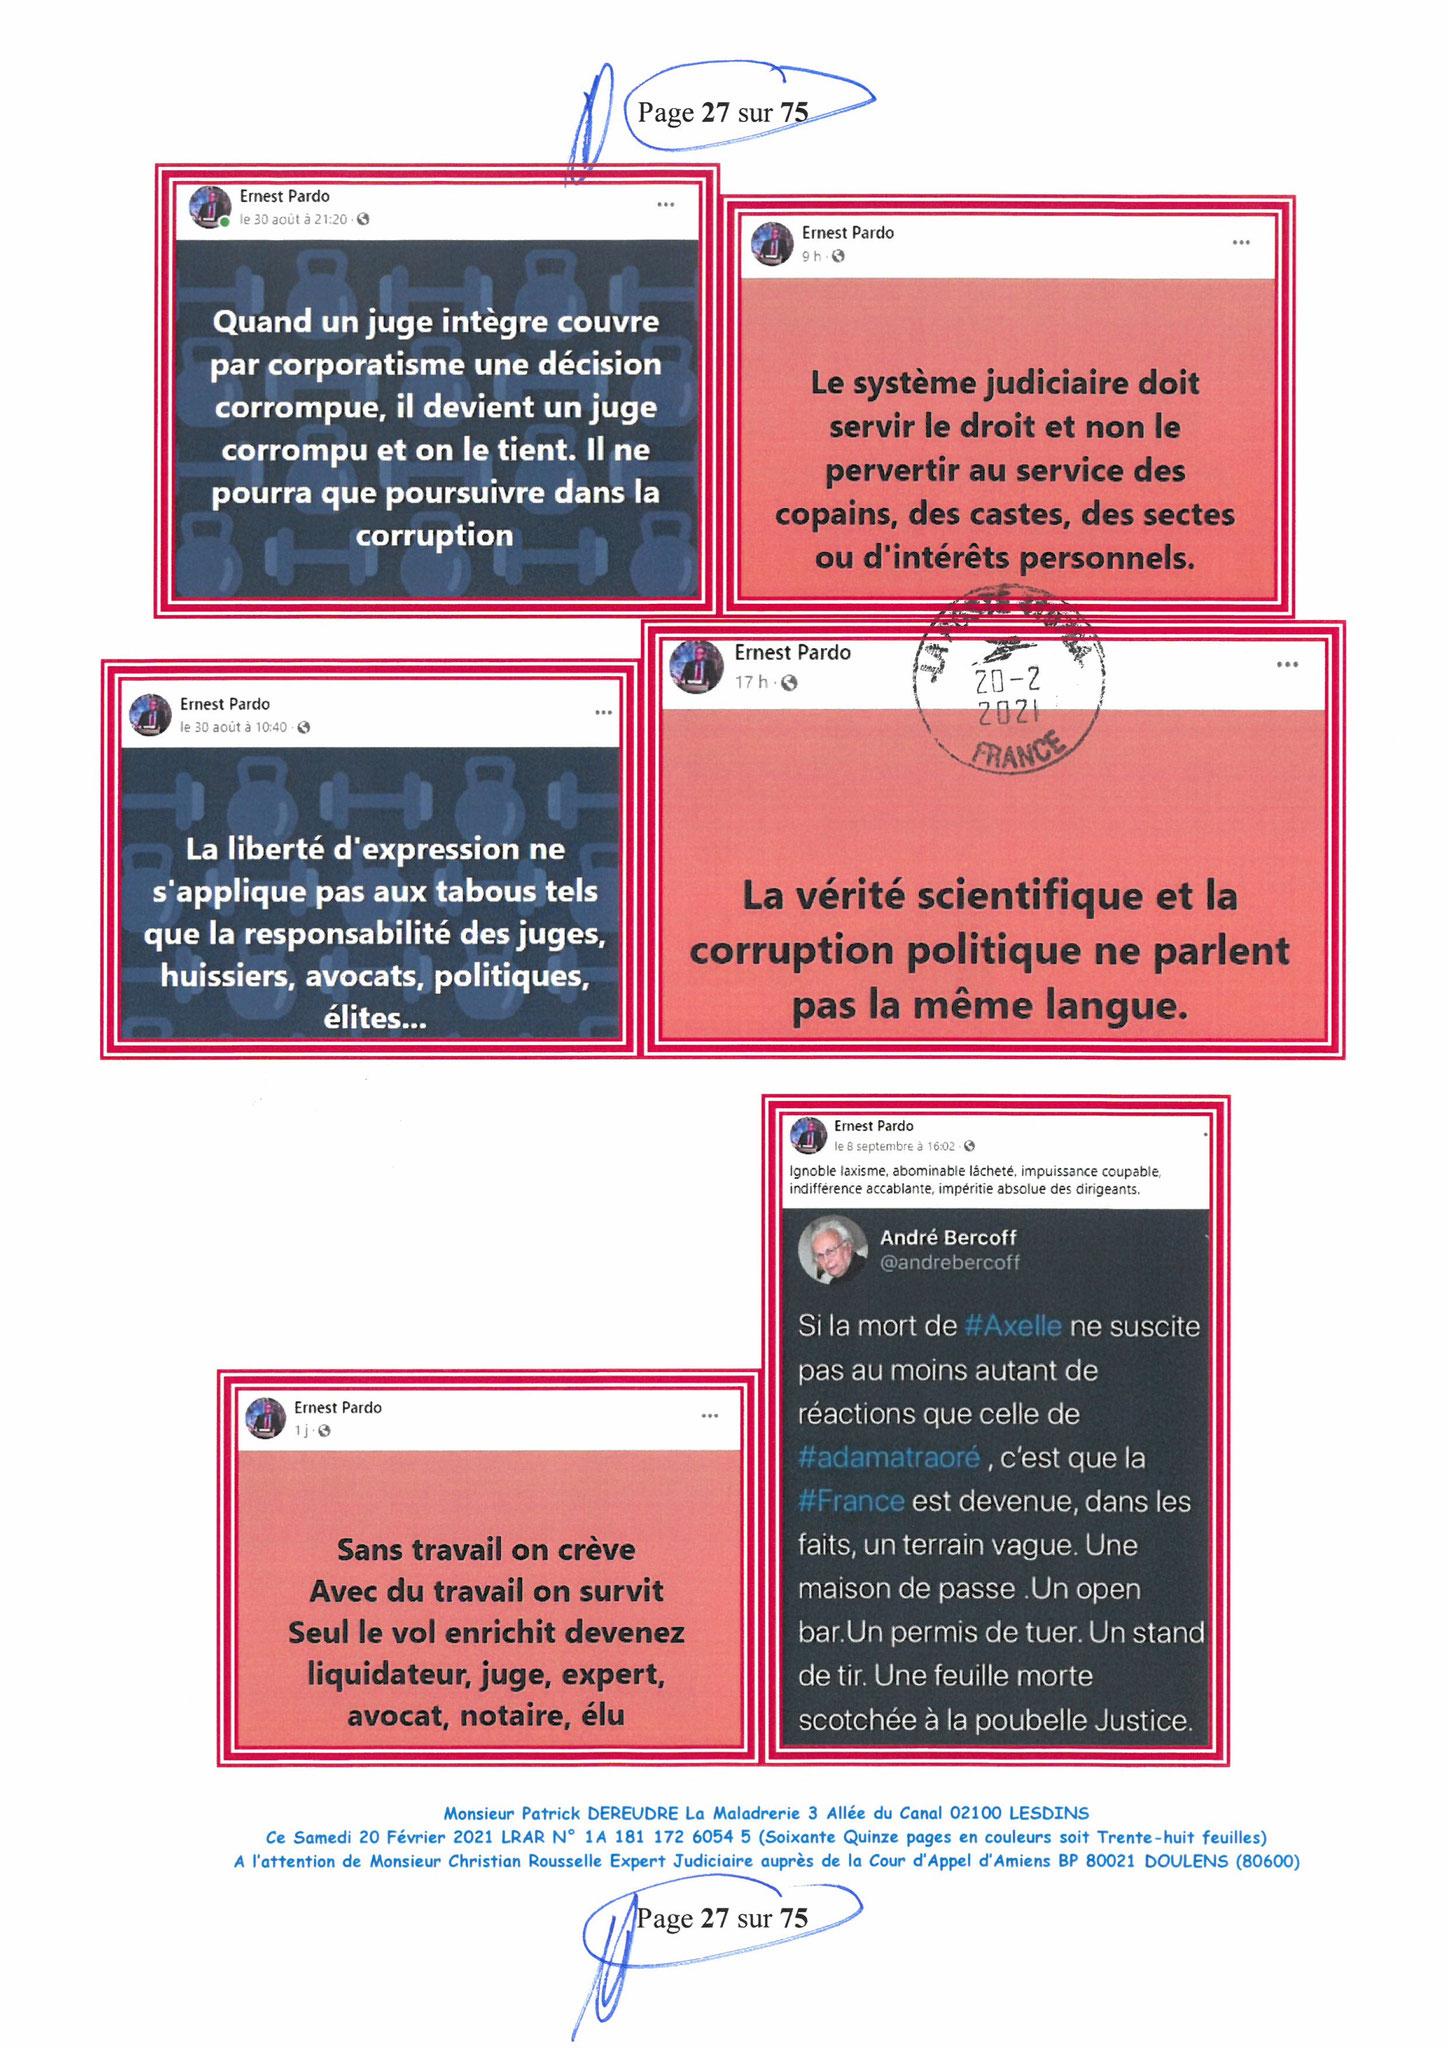 Page 27 Ma  Lettre Recommandée à Monsieur Christian ROUSSELLE Expert Judiciaire auprès de la Cour d'Appel d'Amiens Affaire MES CHERS VOISINS nos  www.jenesuispasunchien.fr www.jesuisvictime.fr www.jesuispatrick.fr PARJURE & CORRUPTION JUSTICE REPUBLIQUE